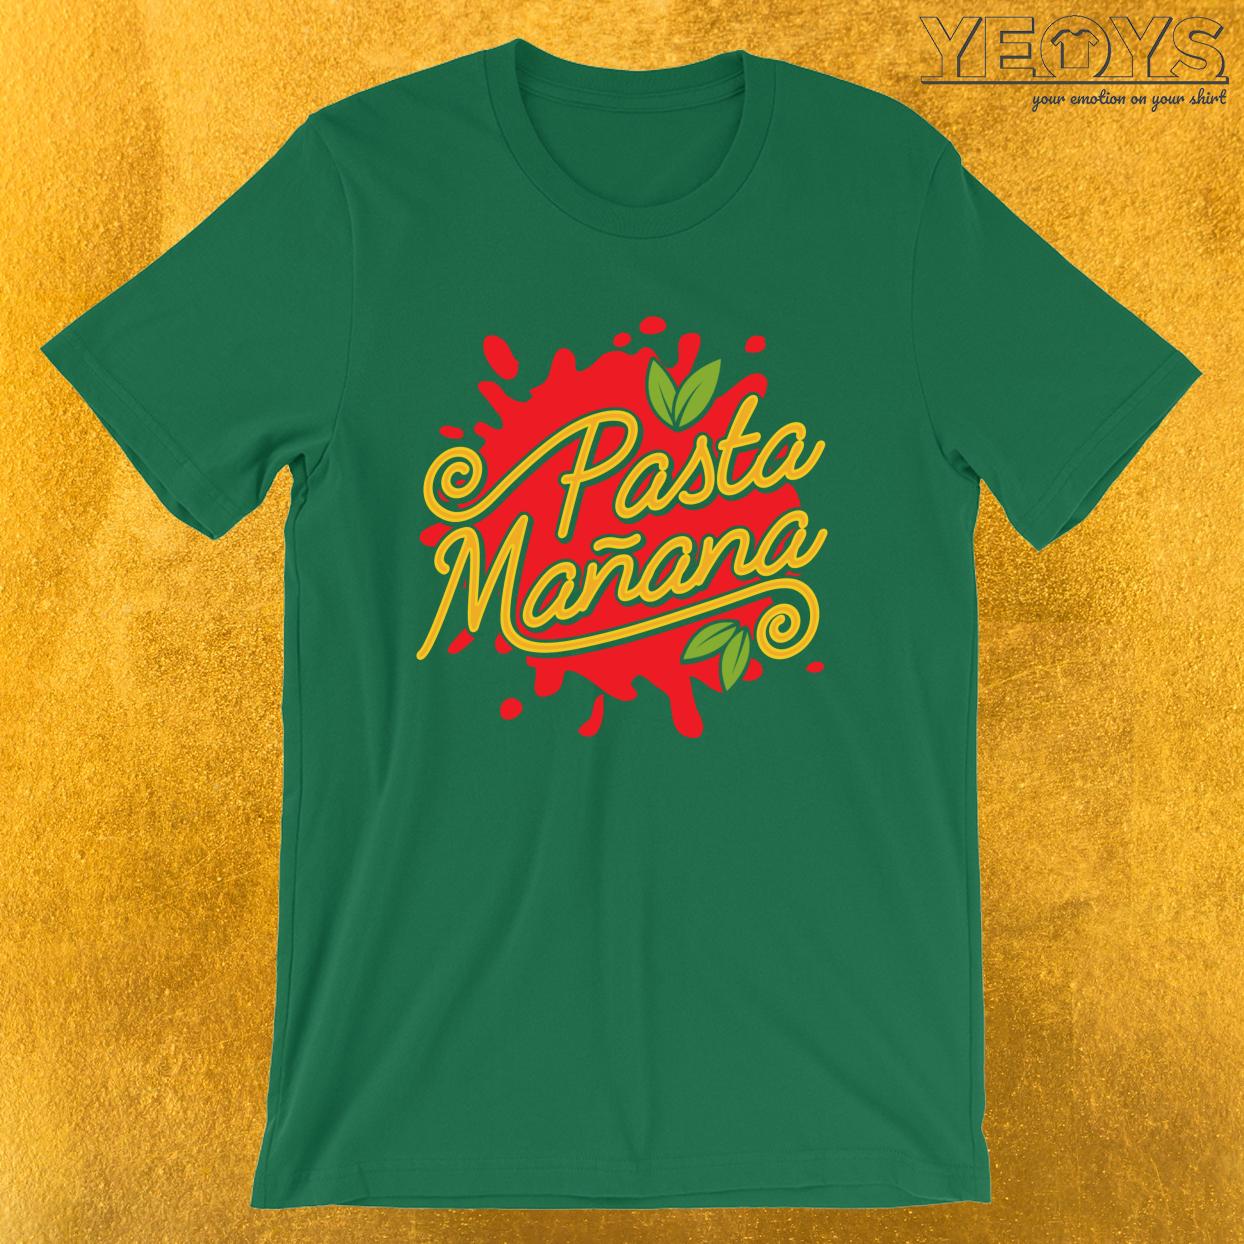 Pasta Mañana – Funny I Love Italian Pasta Tee